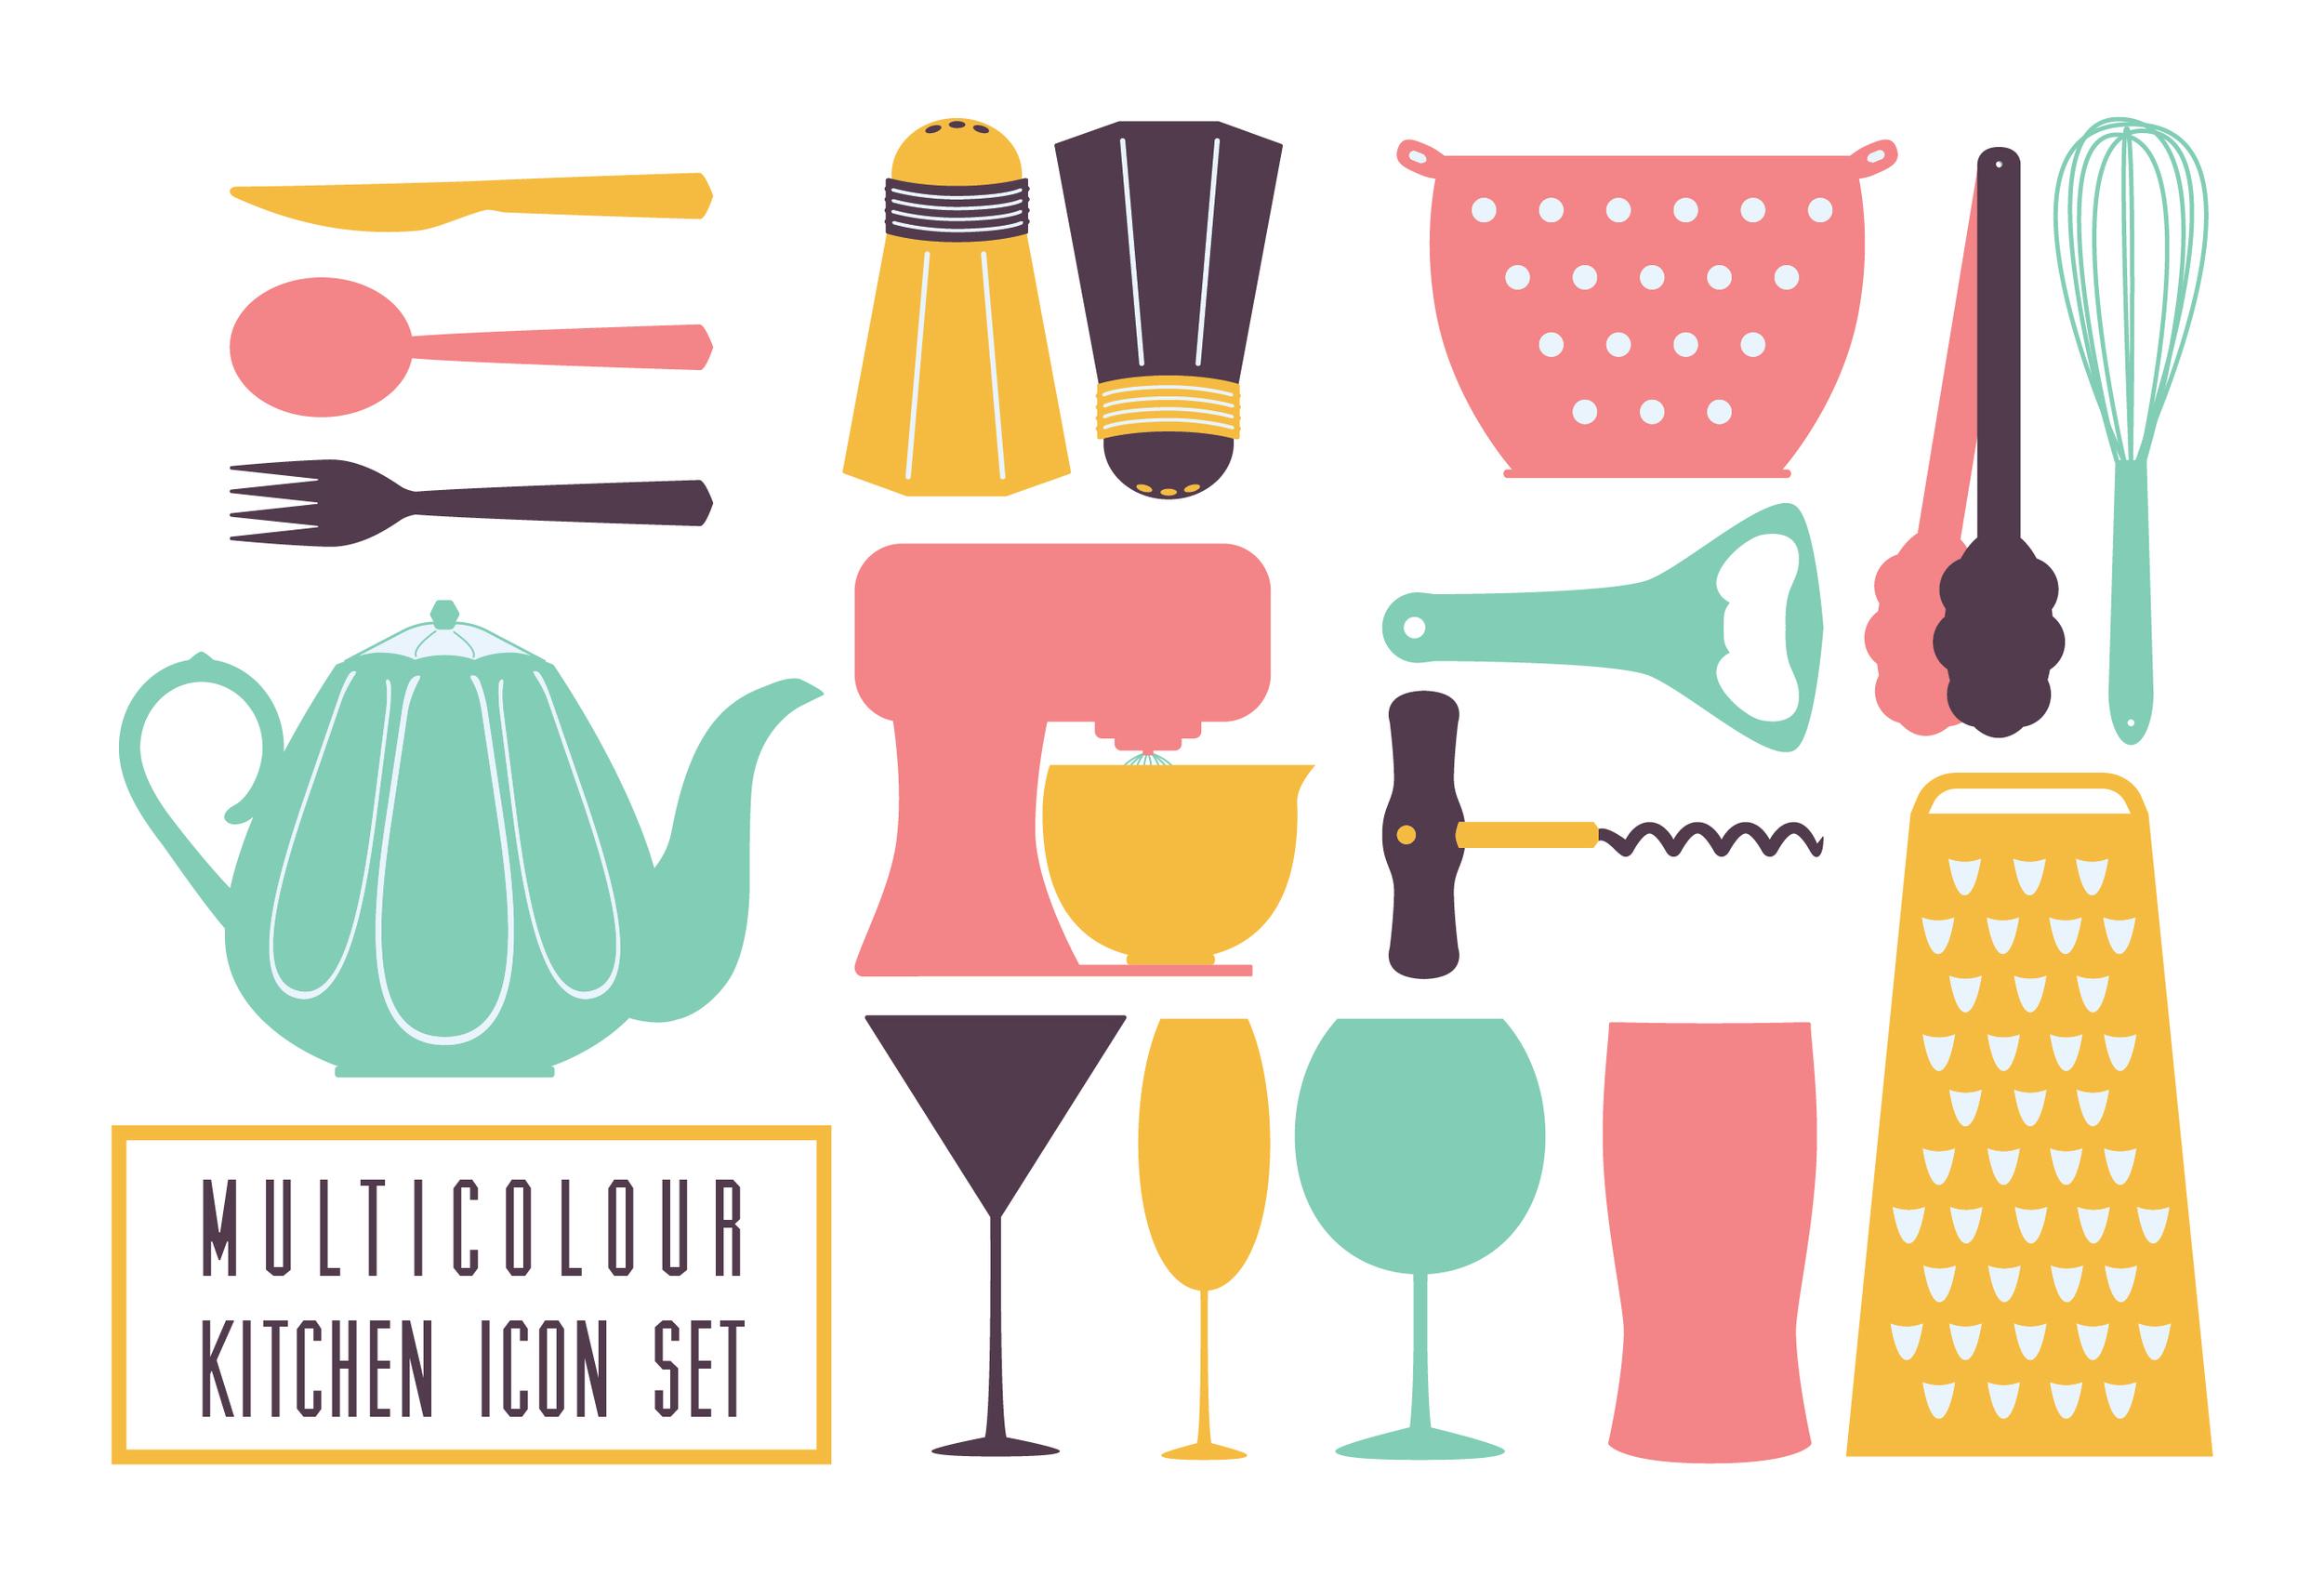 Multicolour Kitchen Icon Set